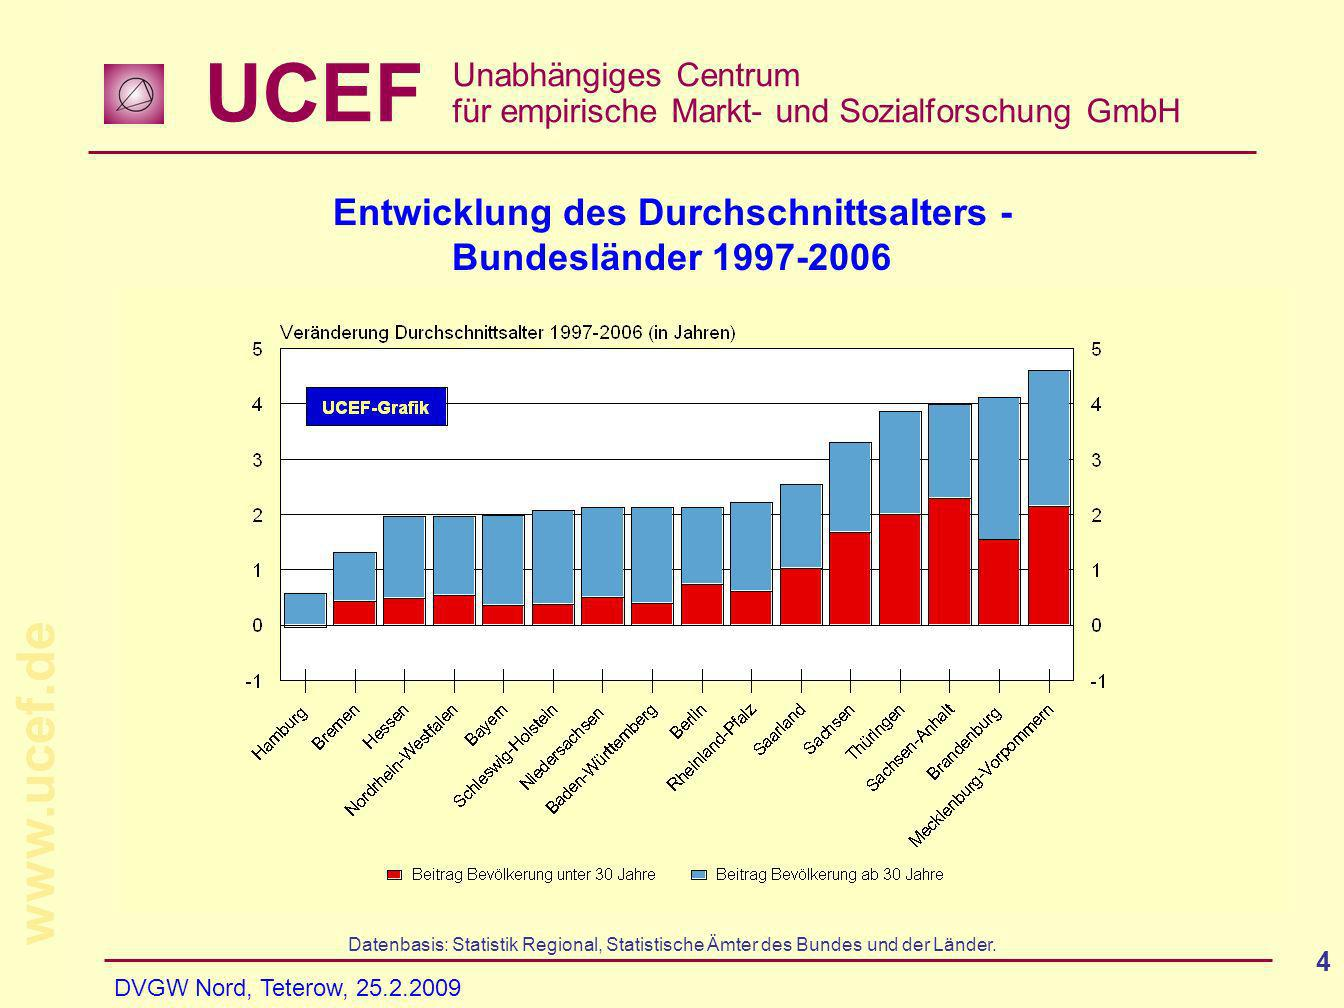 UCEF Unabhängiges Centrum für empirische Markt- und Sozialforschung GmbH www.ucef.de DVGW Nord, Teterow, 25.2.2009 15 Zwischenbilanz II: Der demografische Wandel ist schon seit langem eine demografische Revolution...